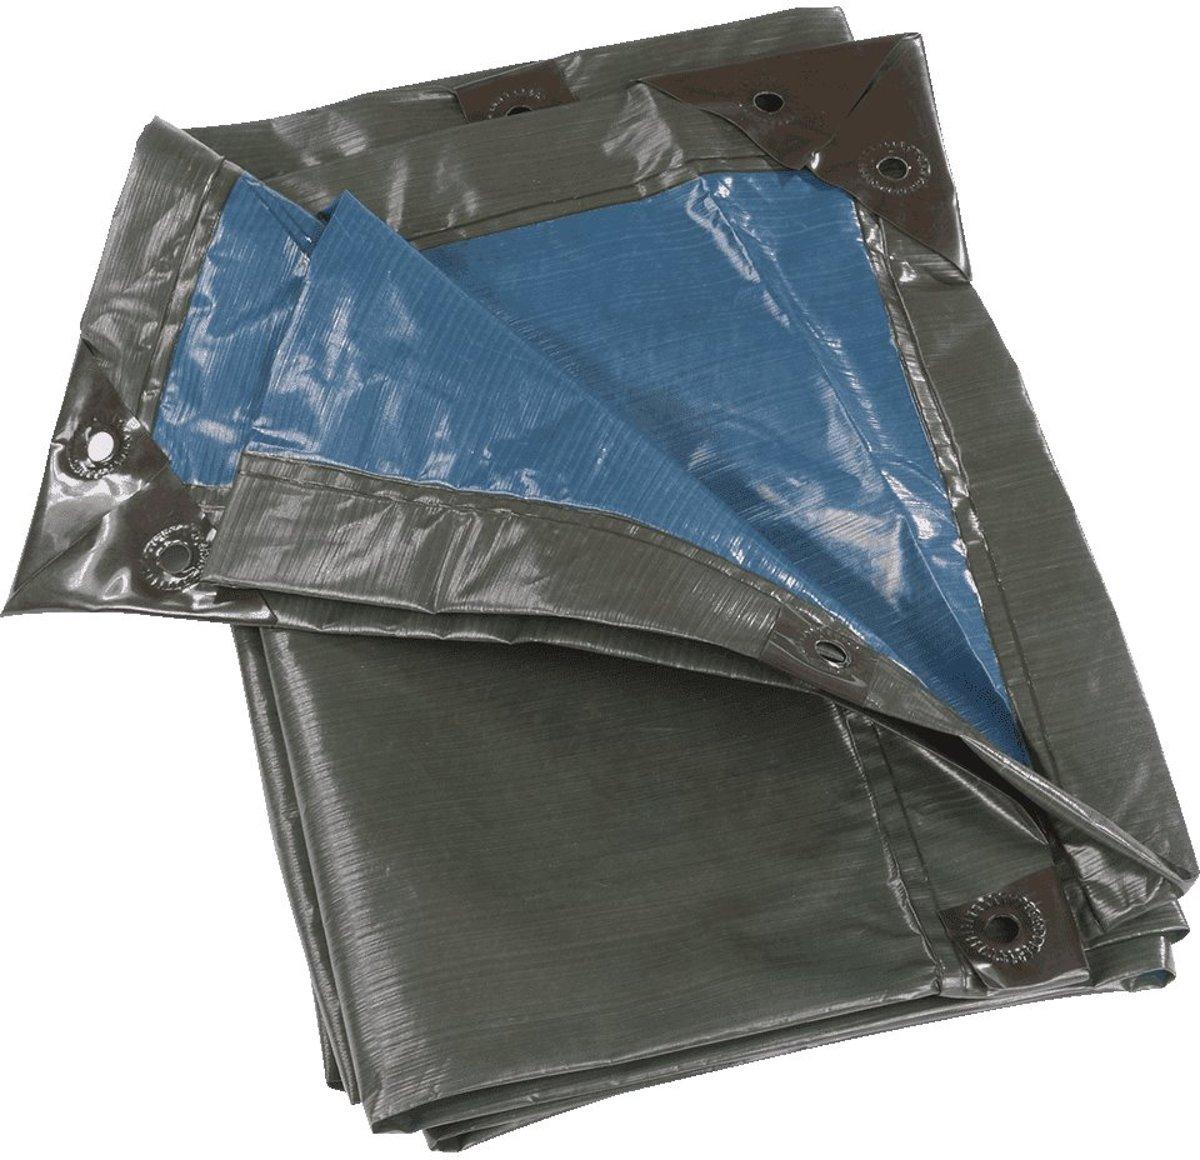 RAIN EXO Super sterke zeildoek 150 g / m², groen / blauw, 4 x 6 mt kopen